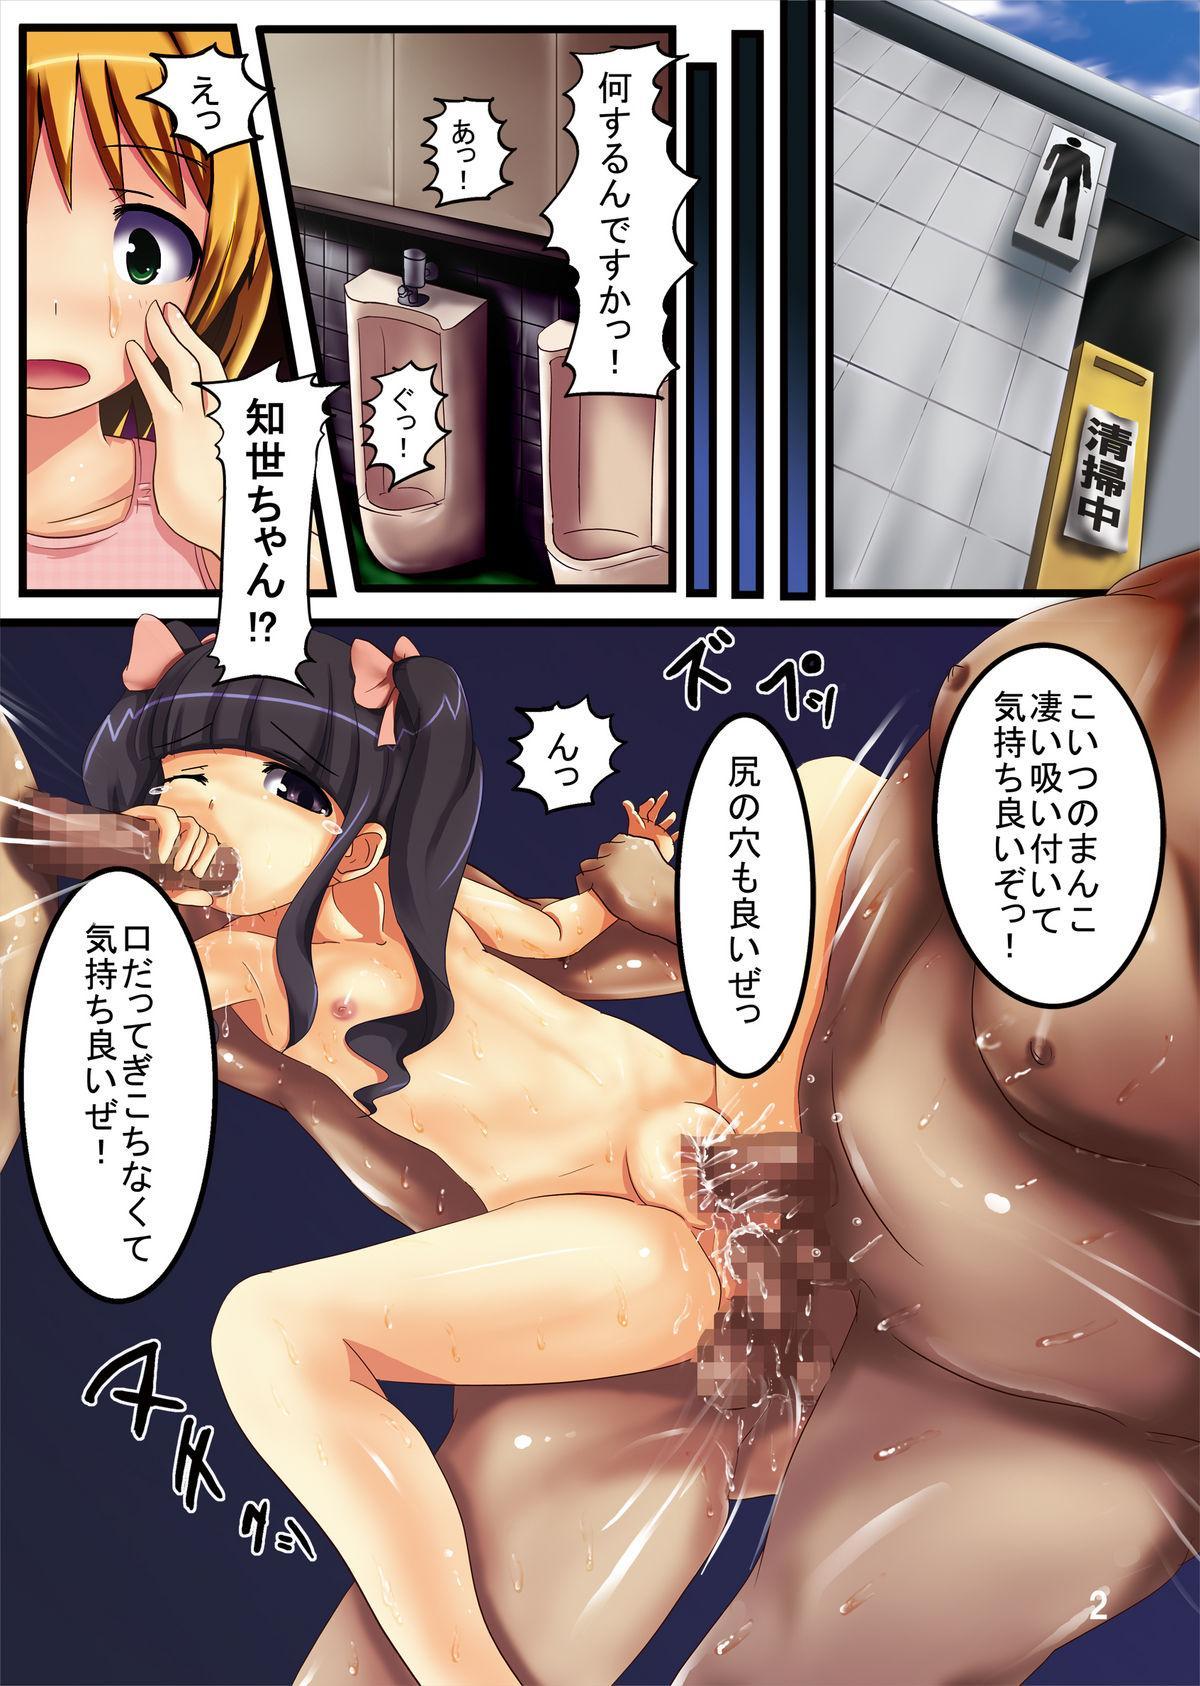 CCSakura Shuudan Shouben Shower to Akumu no Shikkin Slider 1